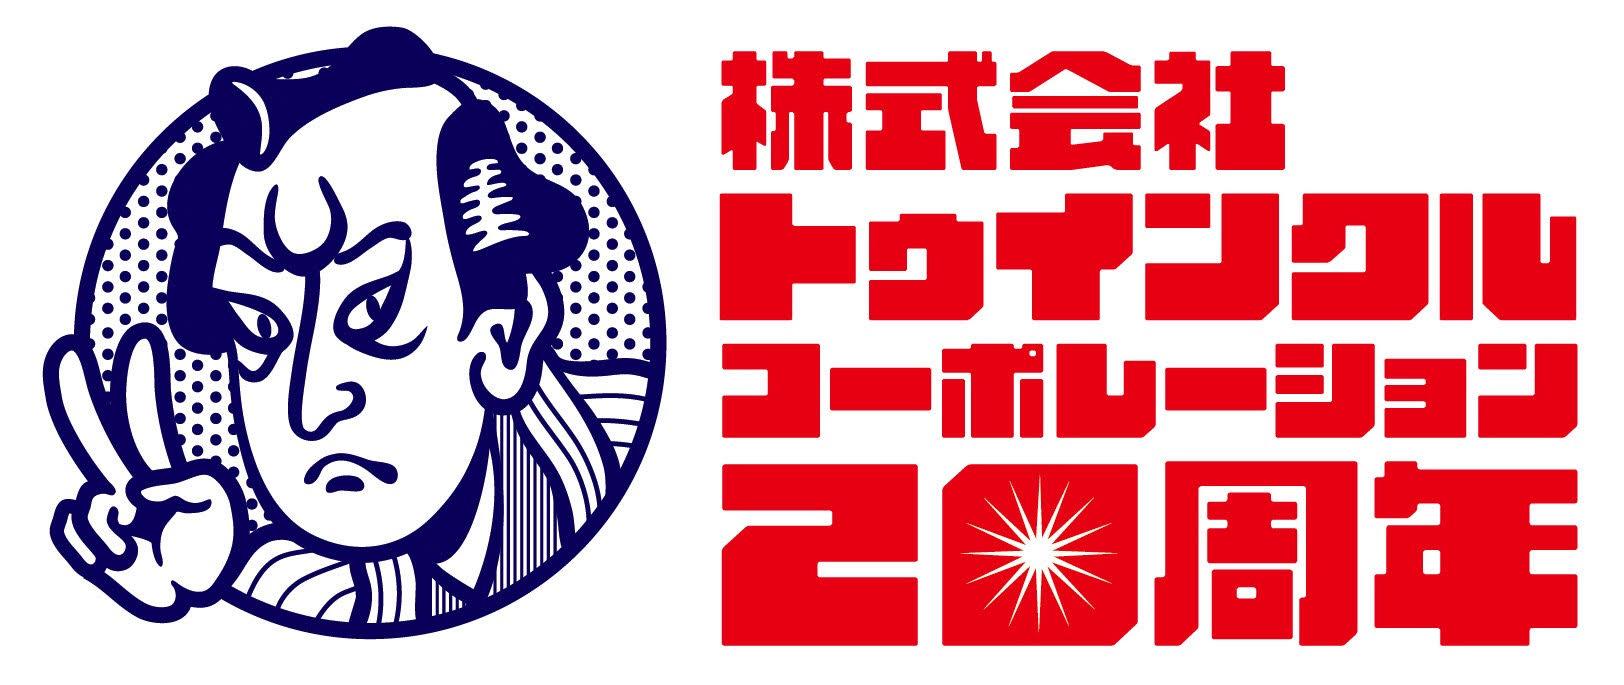 トゥインクル・コーポレーション 20周年記念イベント